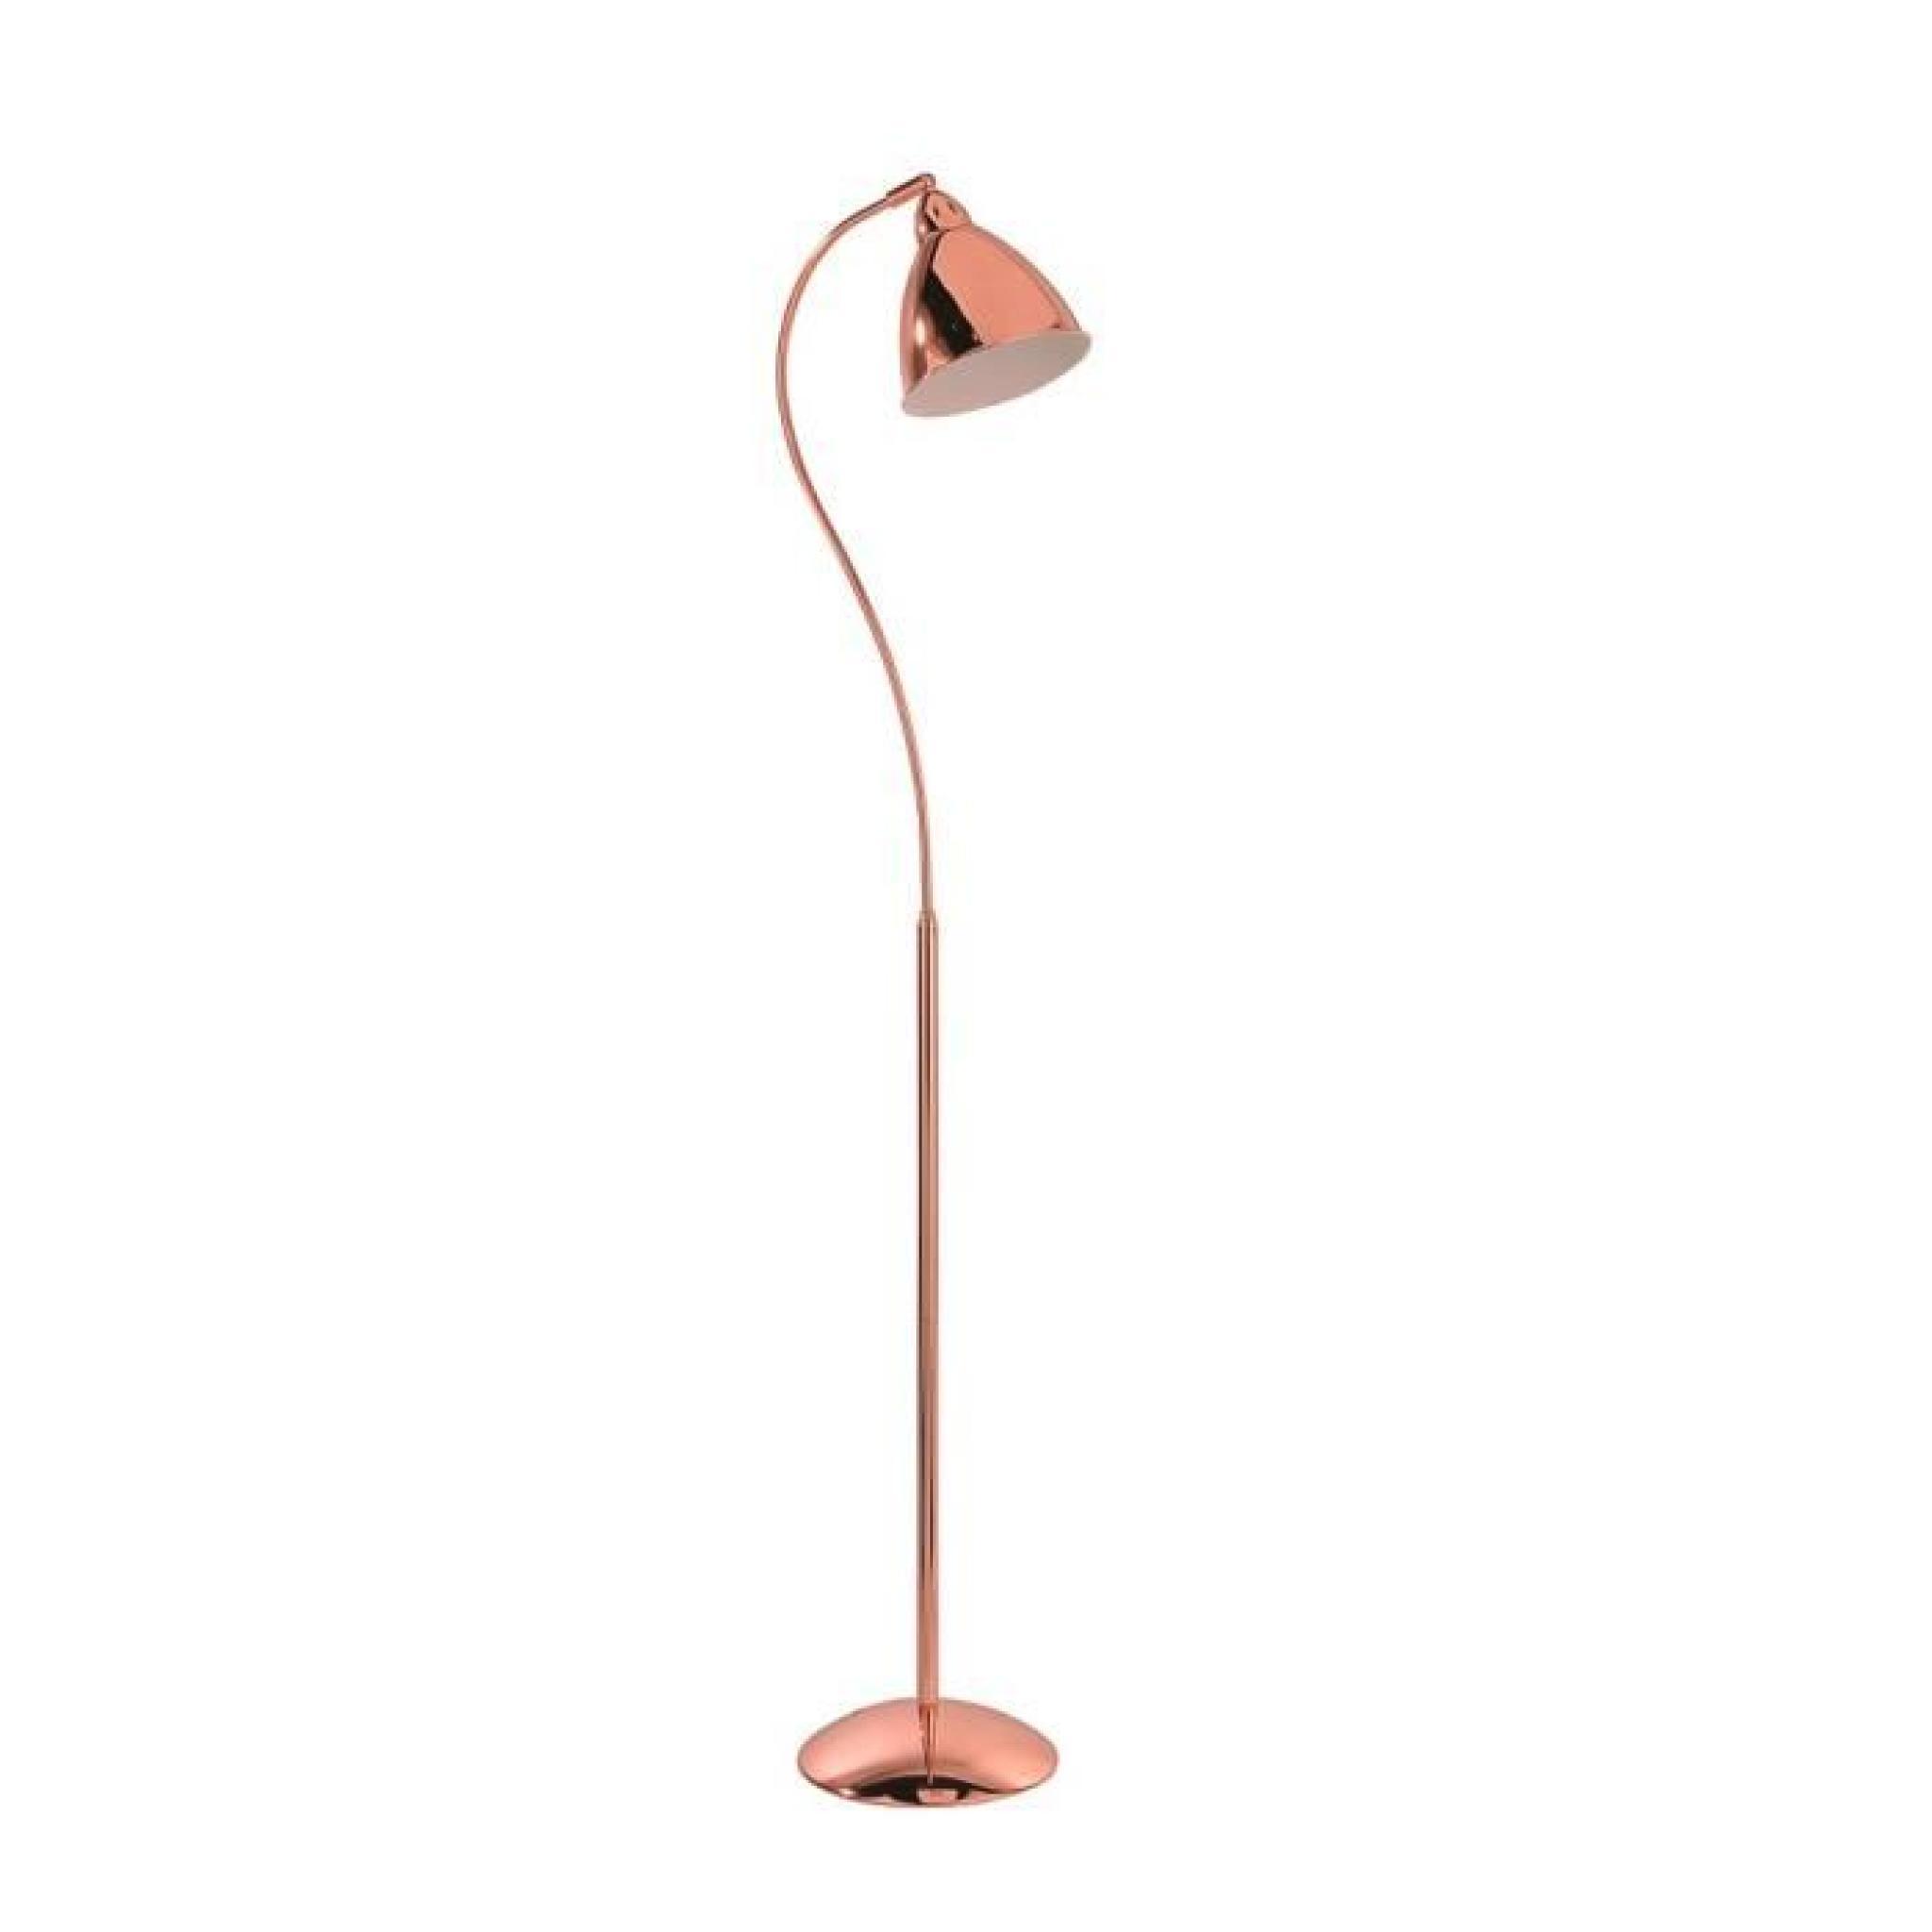 leuchtendirekt 11025 20 lampadaire cuivre skeleton achat vente lampadaire pas cher couleur. Black Bedroom Furniture Sets. Home Design Ideas